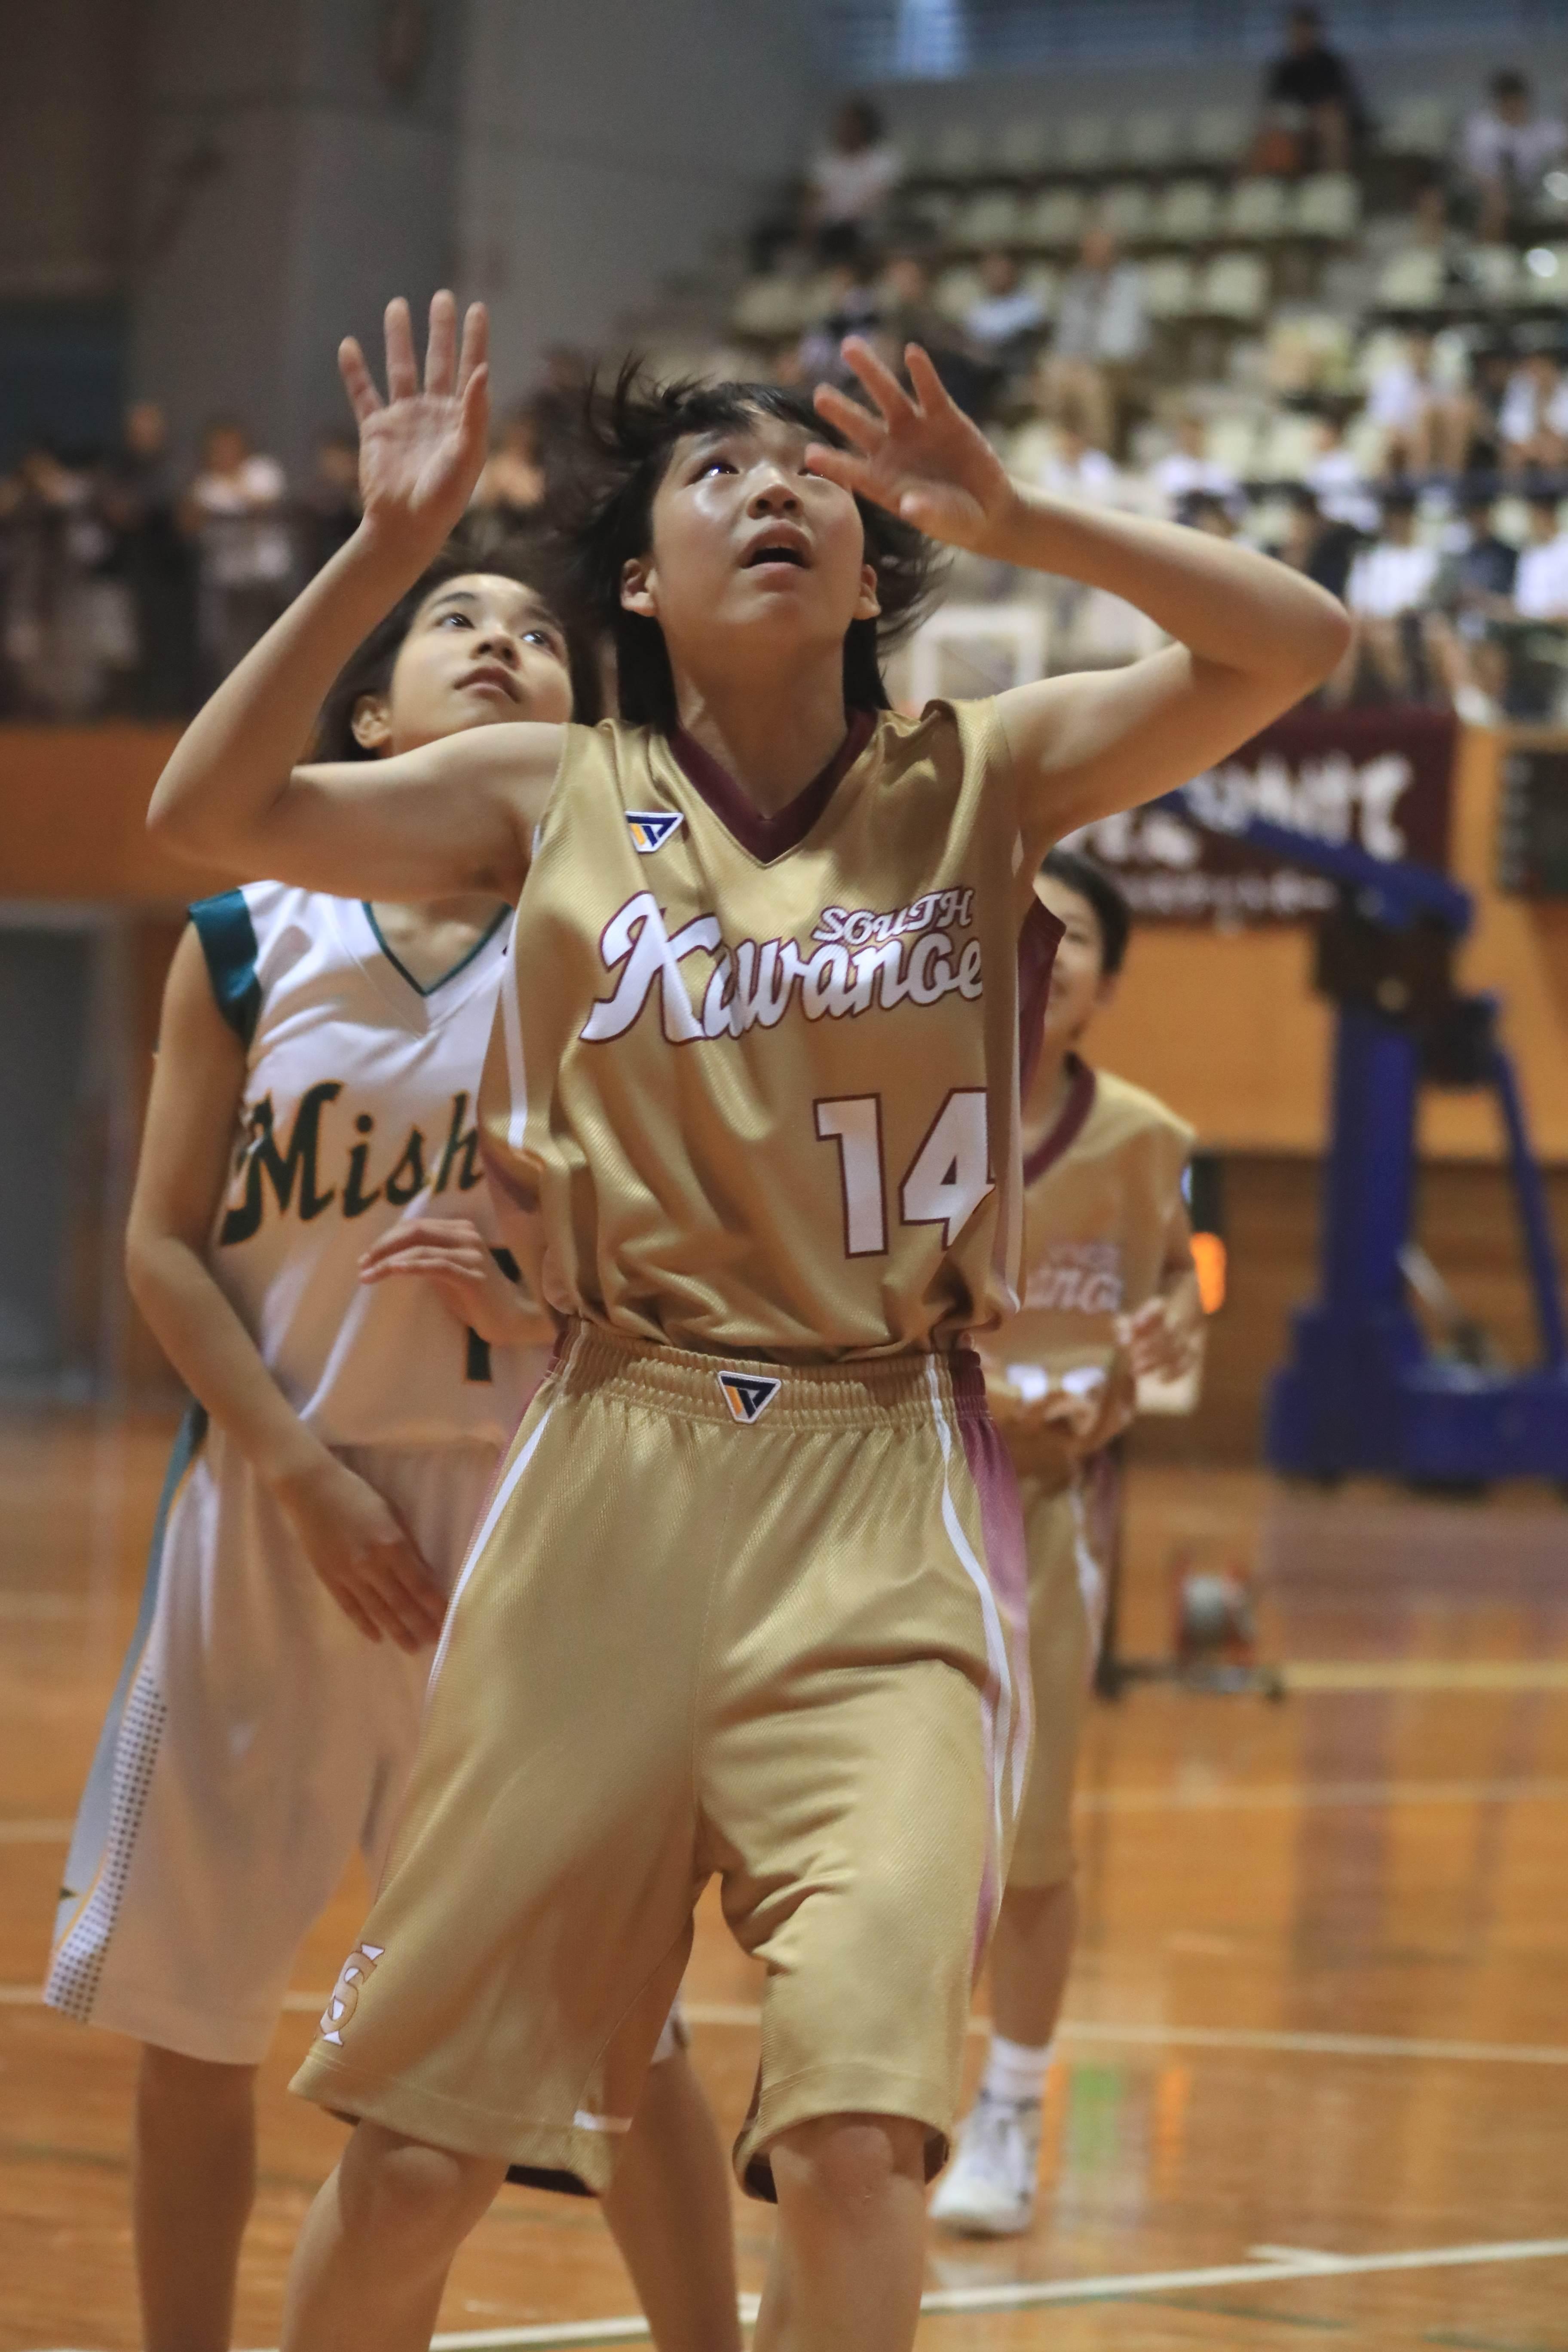 バスケットボール (149)